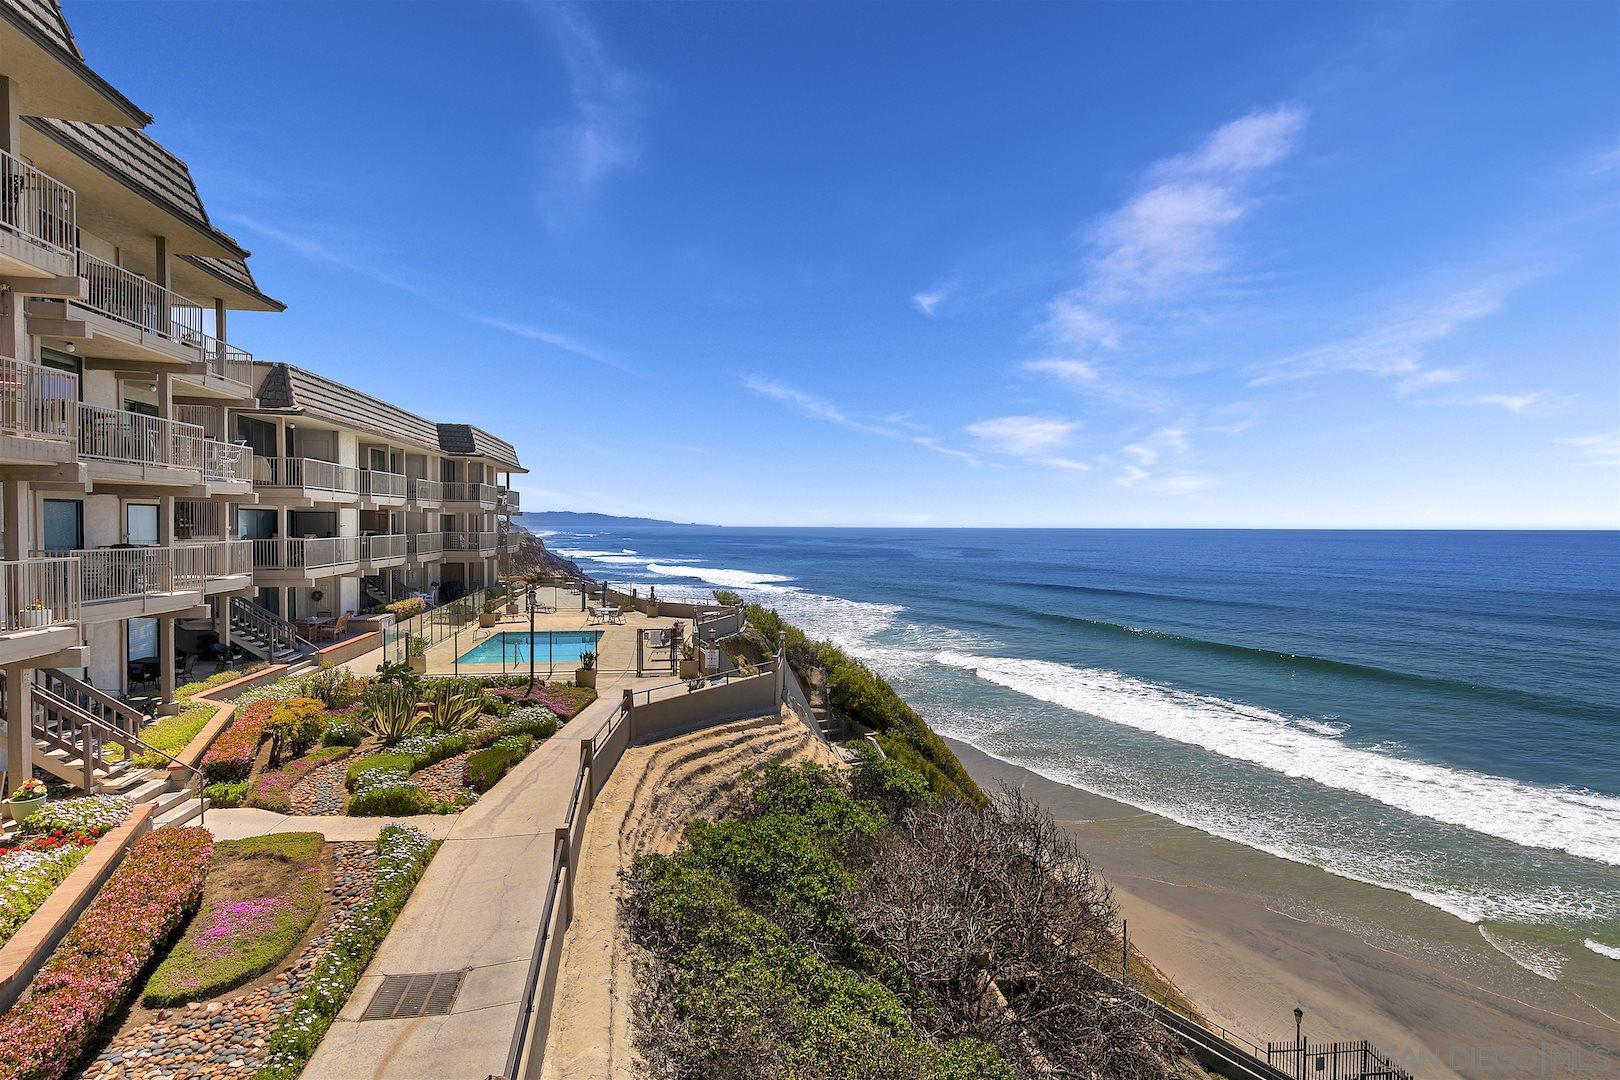 140 N Shore Dr, Solana Beach, CA 92075